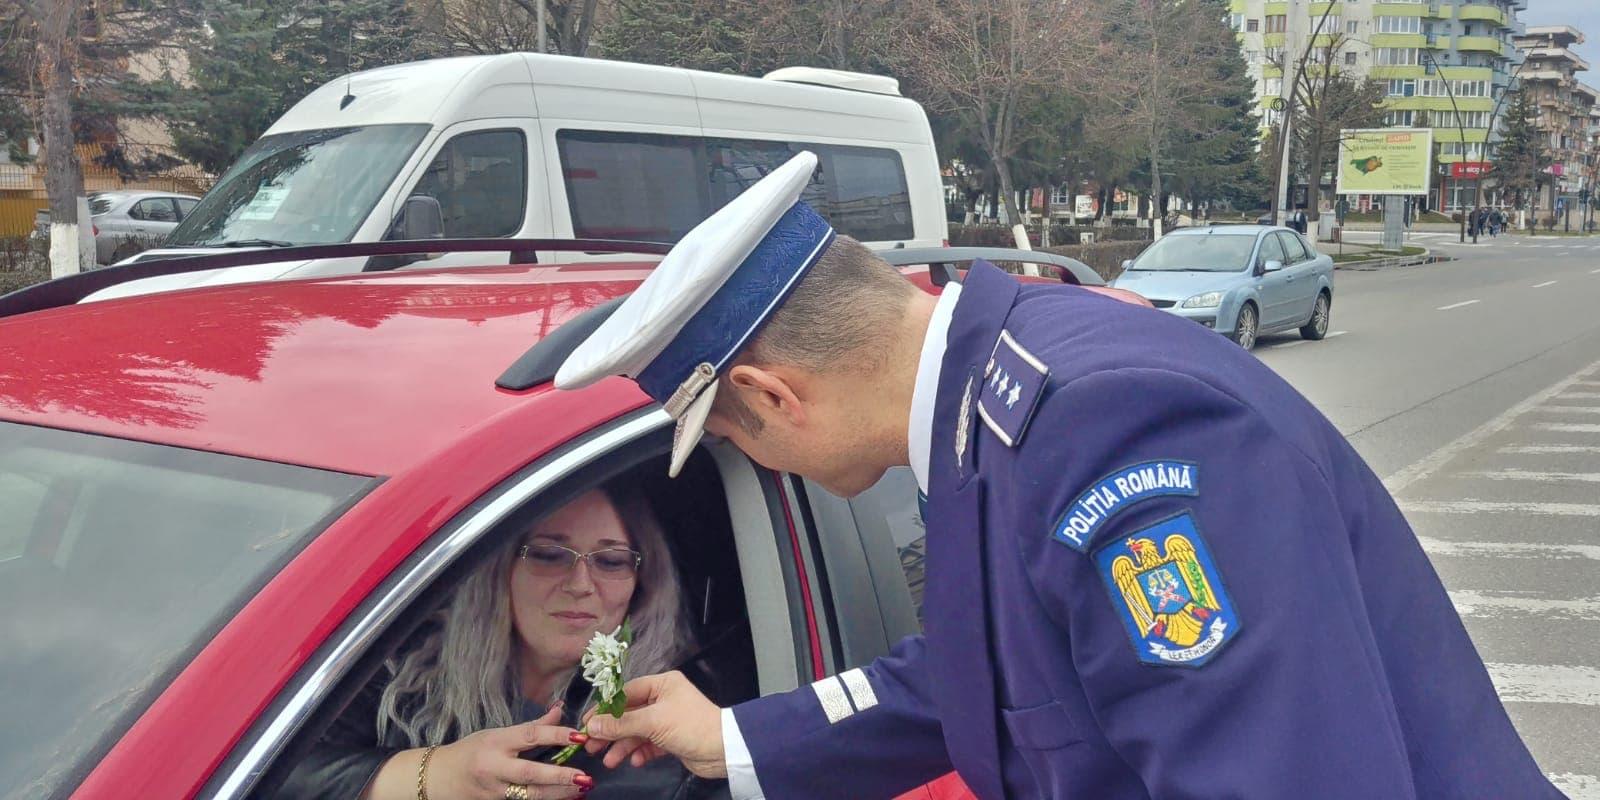 """Poliţiştii hunedoreni au """"amendat"""" șoferițele aflate în trafic cu flori şi mărțișoare"""